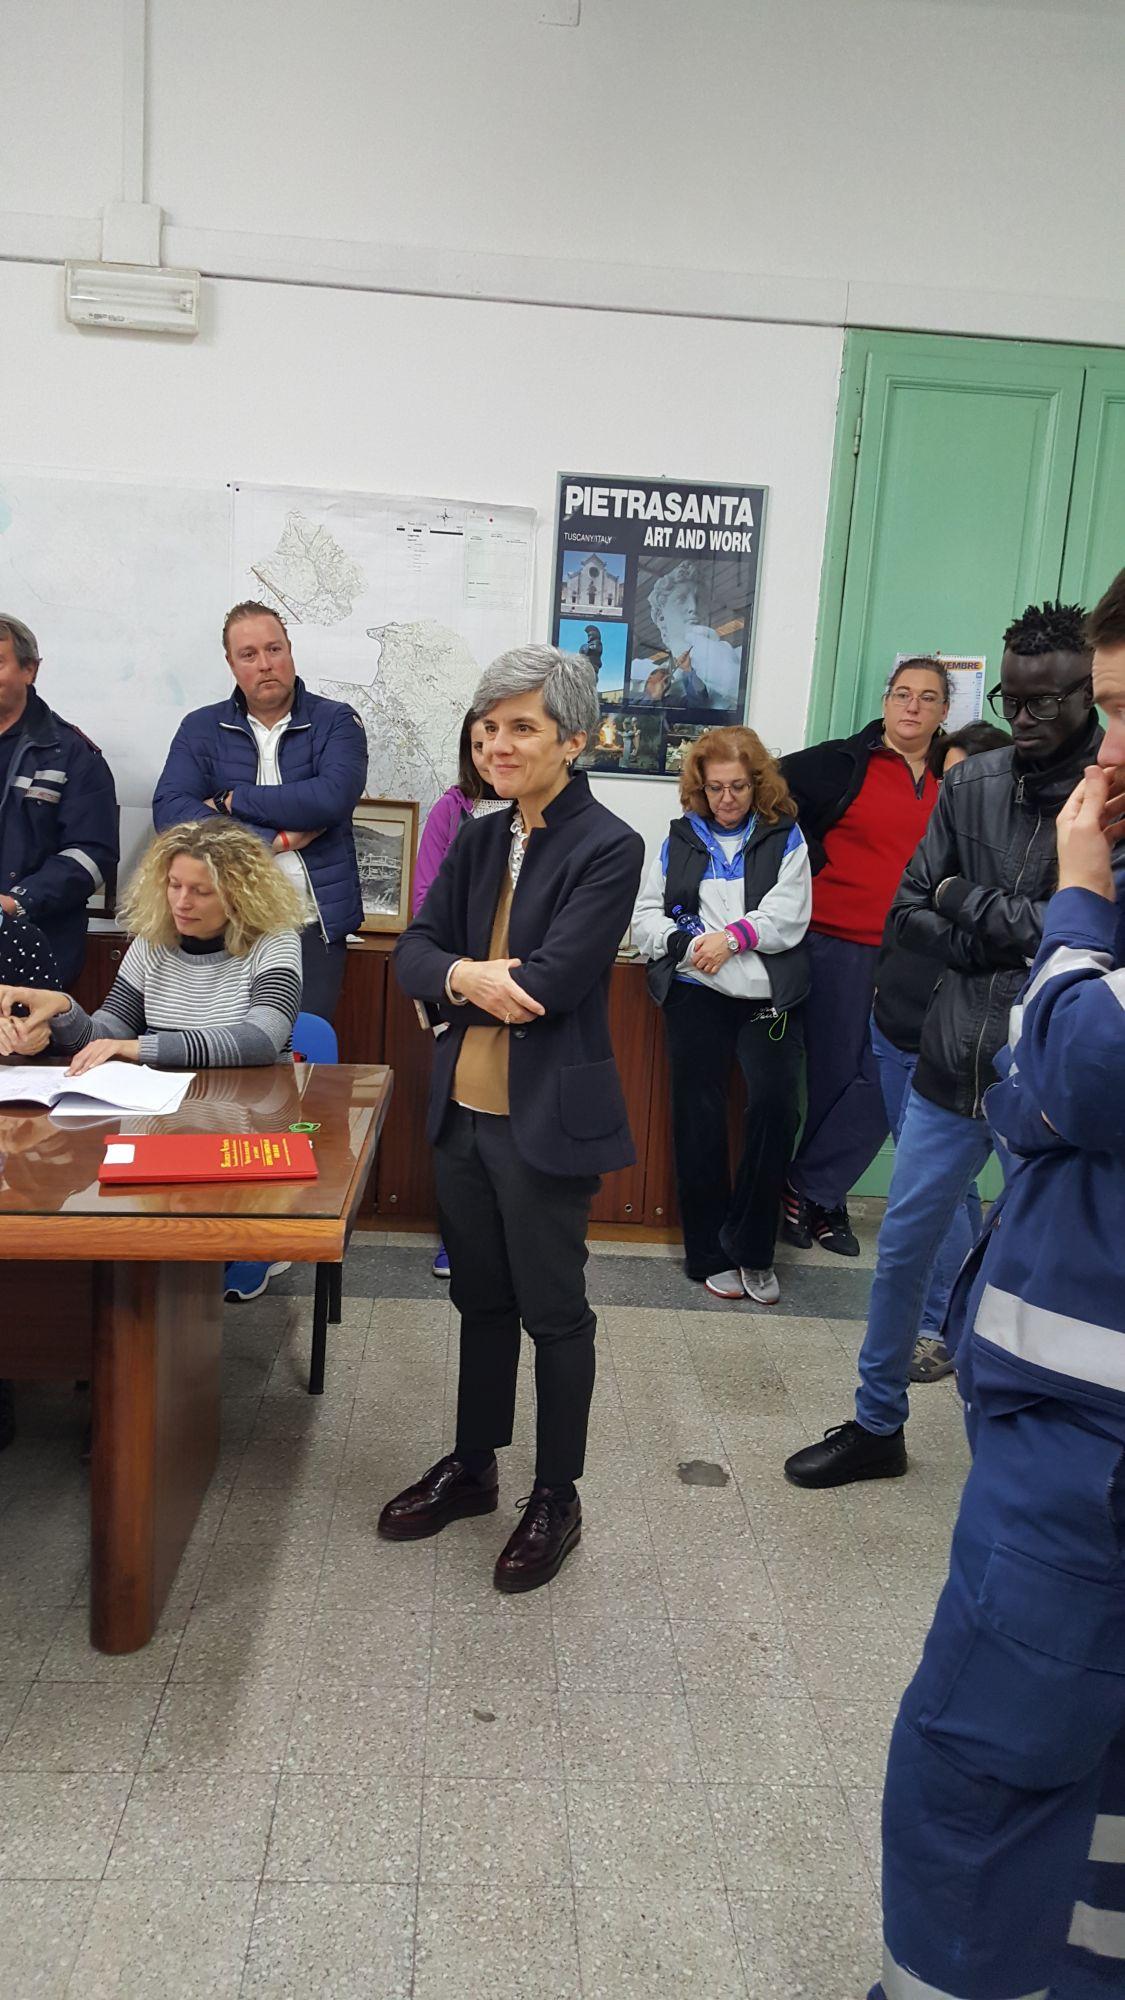 Esercitazione della Protezione Civile per le strade di Pietrasanta